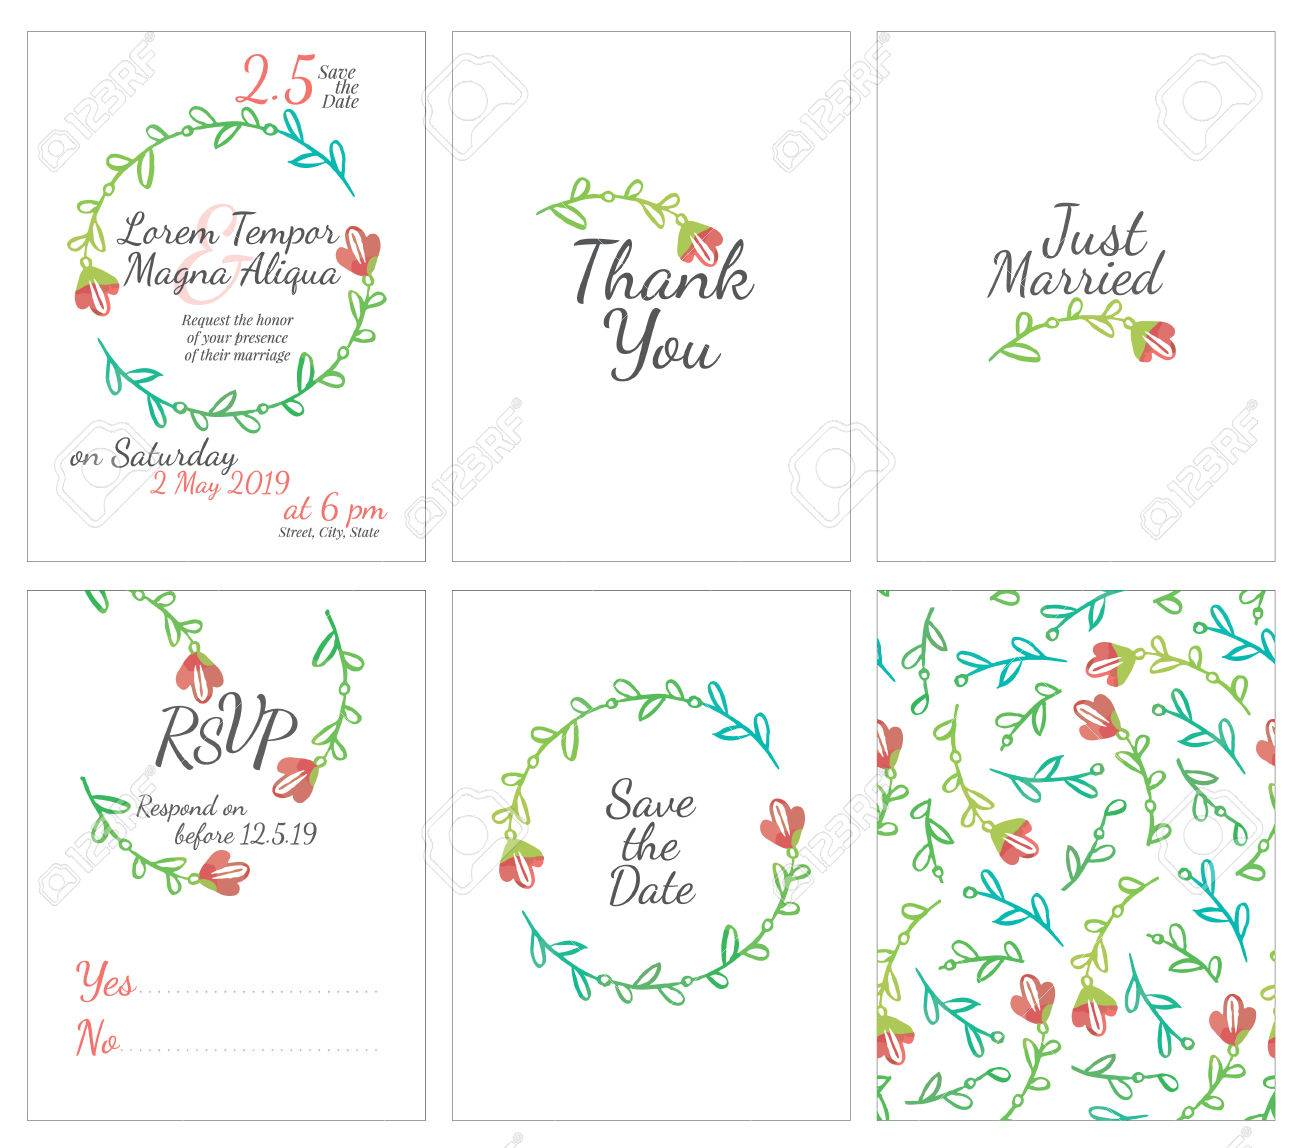 satz von sanften hochzeitskarten postkarte mit der einladung besttigung speichern sie das datum - Besttigung Muster